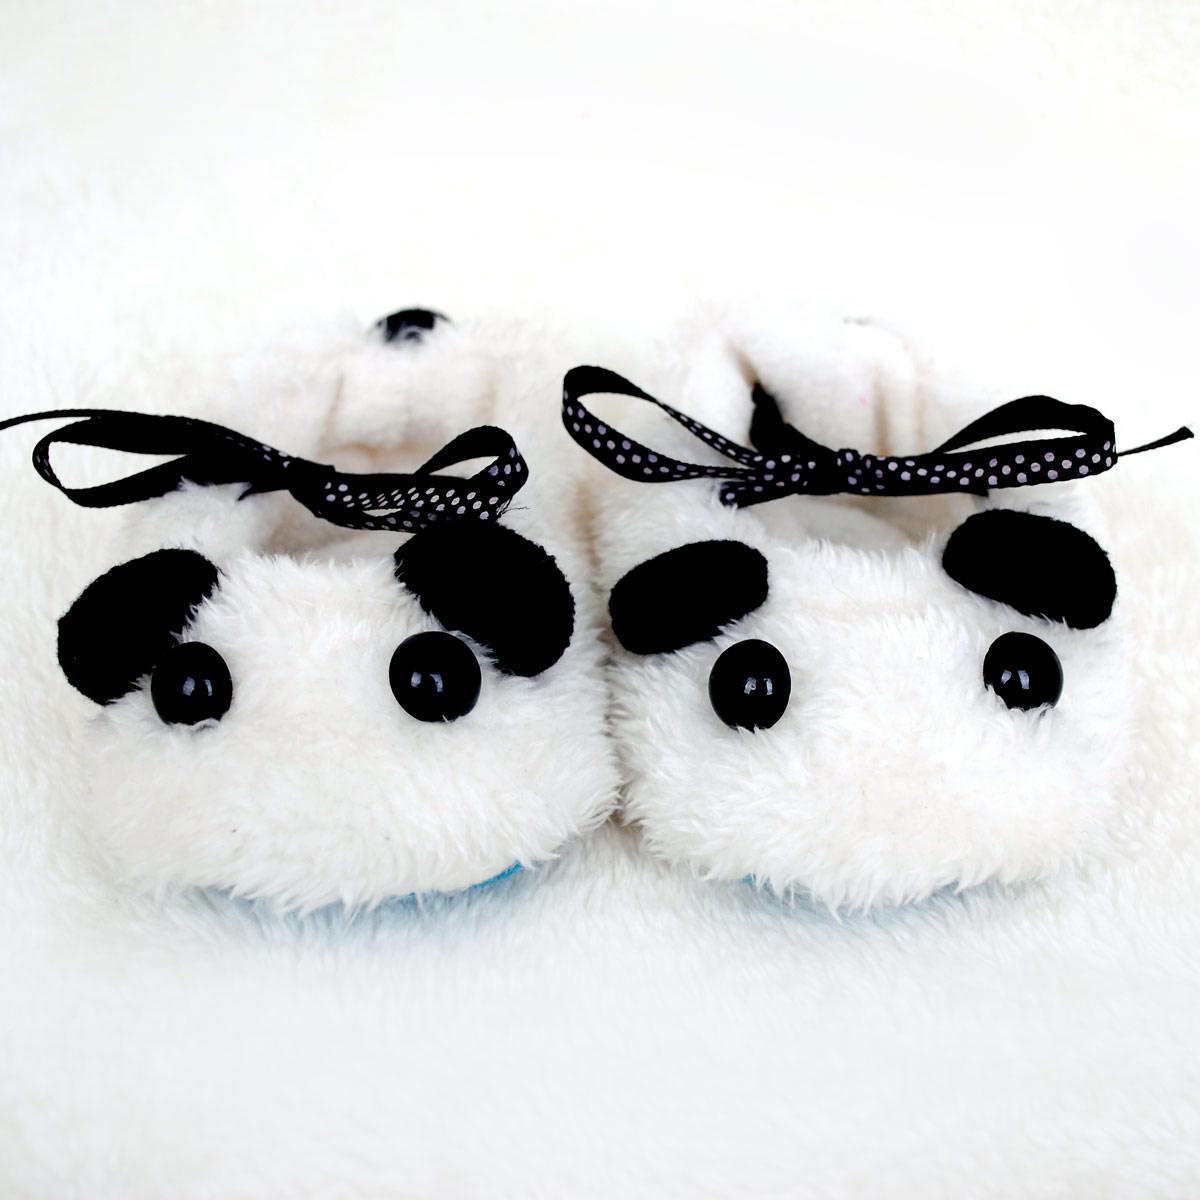 TRANSPORTE LIVRE-nascidos sapatos mão do bebê panda encantador DIY produtos artesanais de pano materiais de bricolage. NEW2013(China (Mainland))